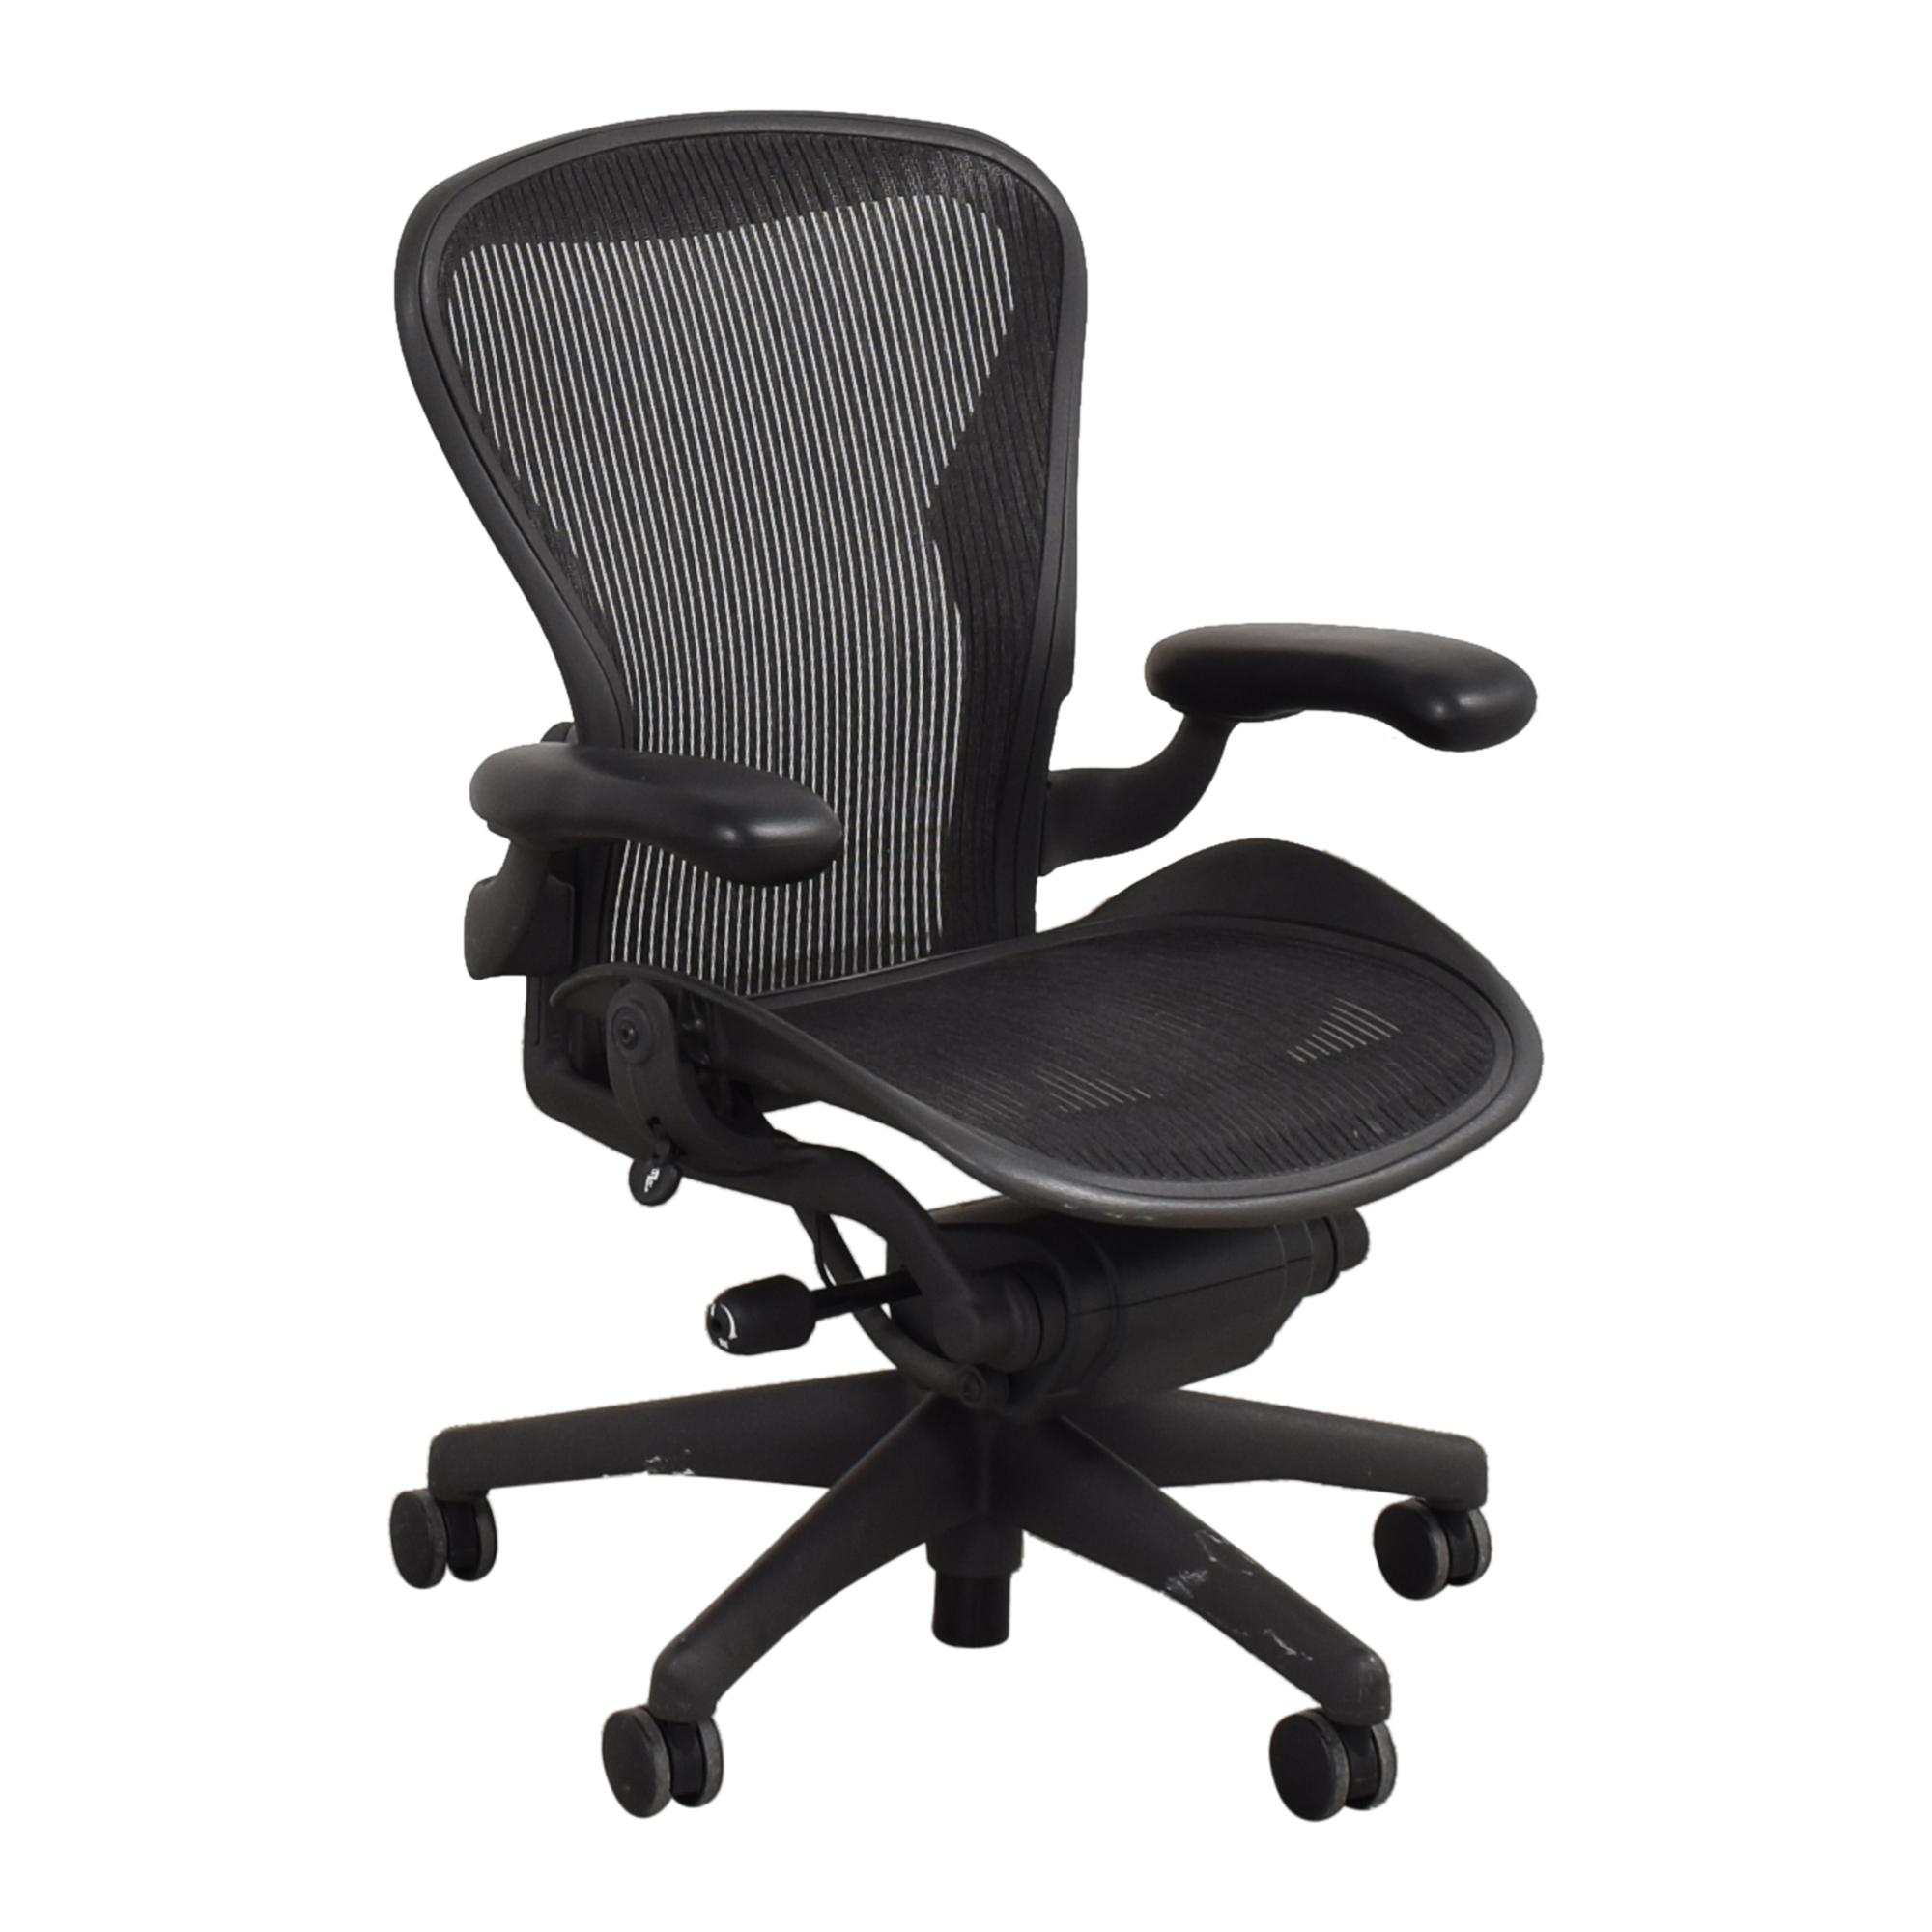 Herman Miller Herman Miller Size B Aeron Chair coupon